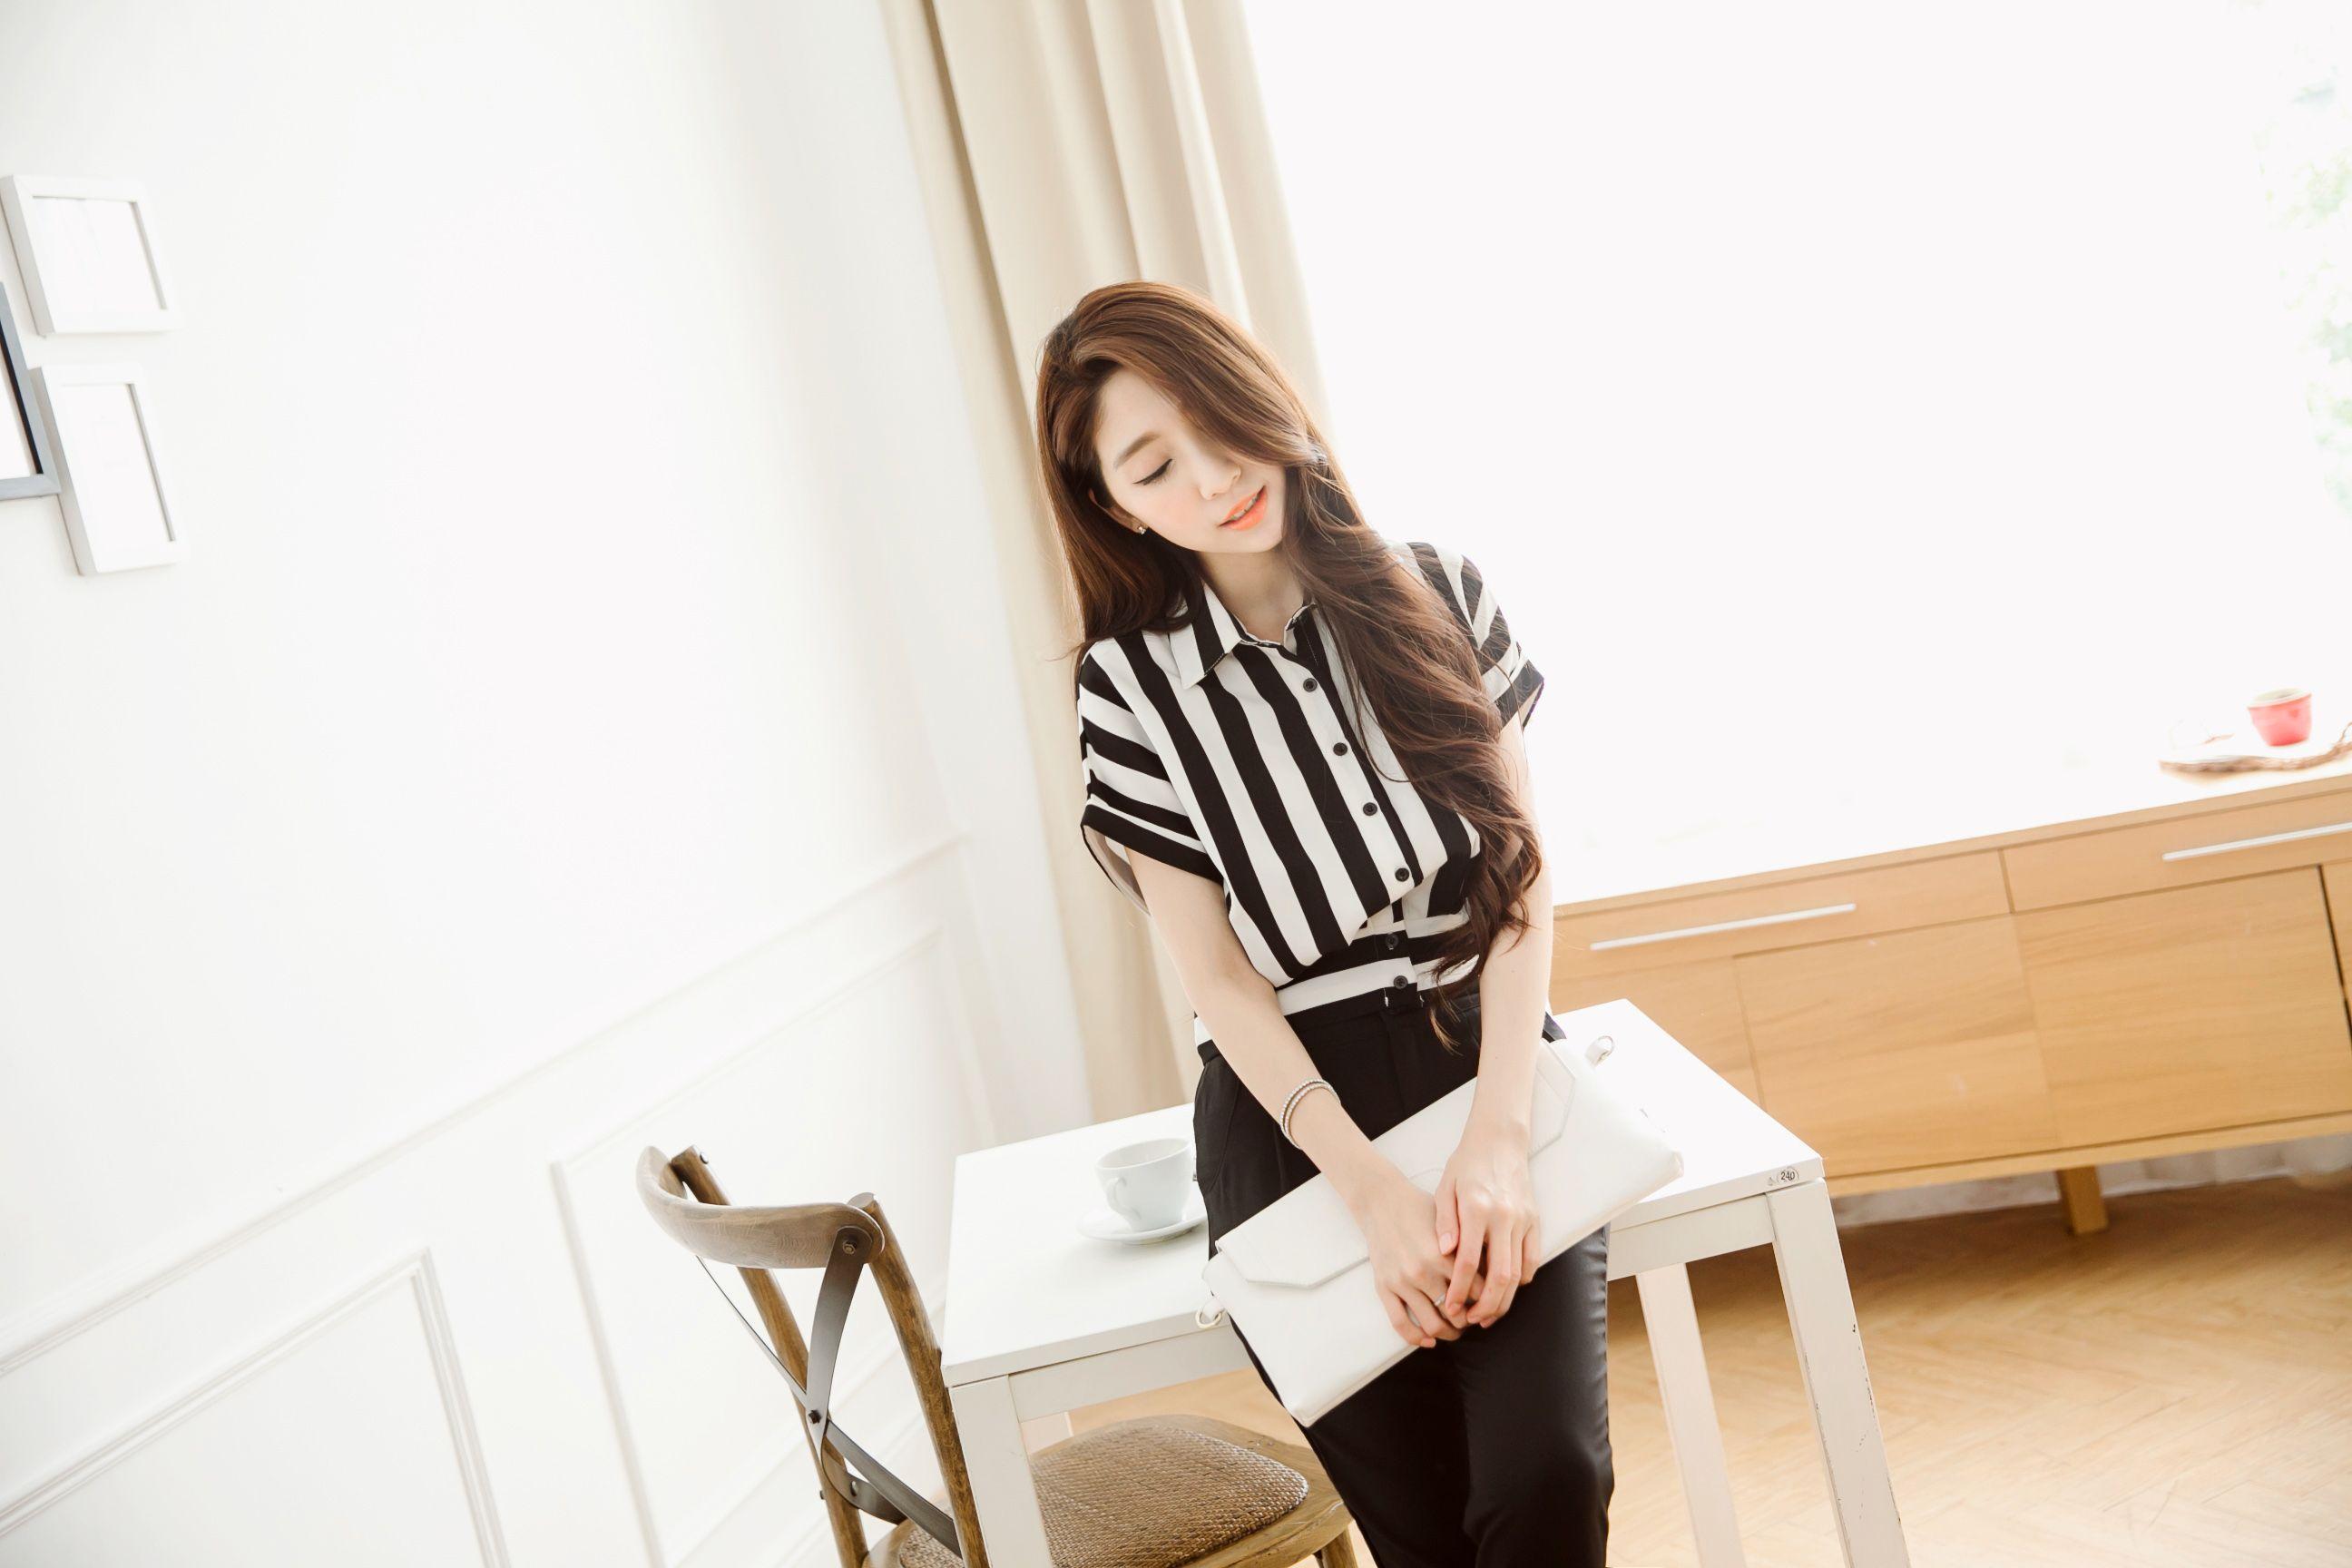 黑白條紋飛鼠短袖襯衫 #Mayuki http://www.tokichoi.com.tw/showProduct.aspx?p=5000725&pmmNo=NEWIN5